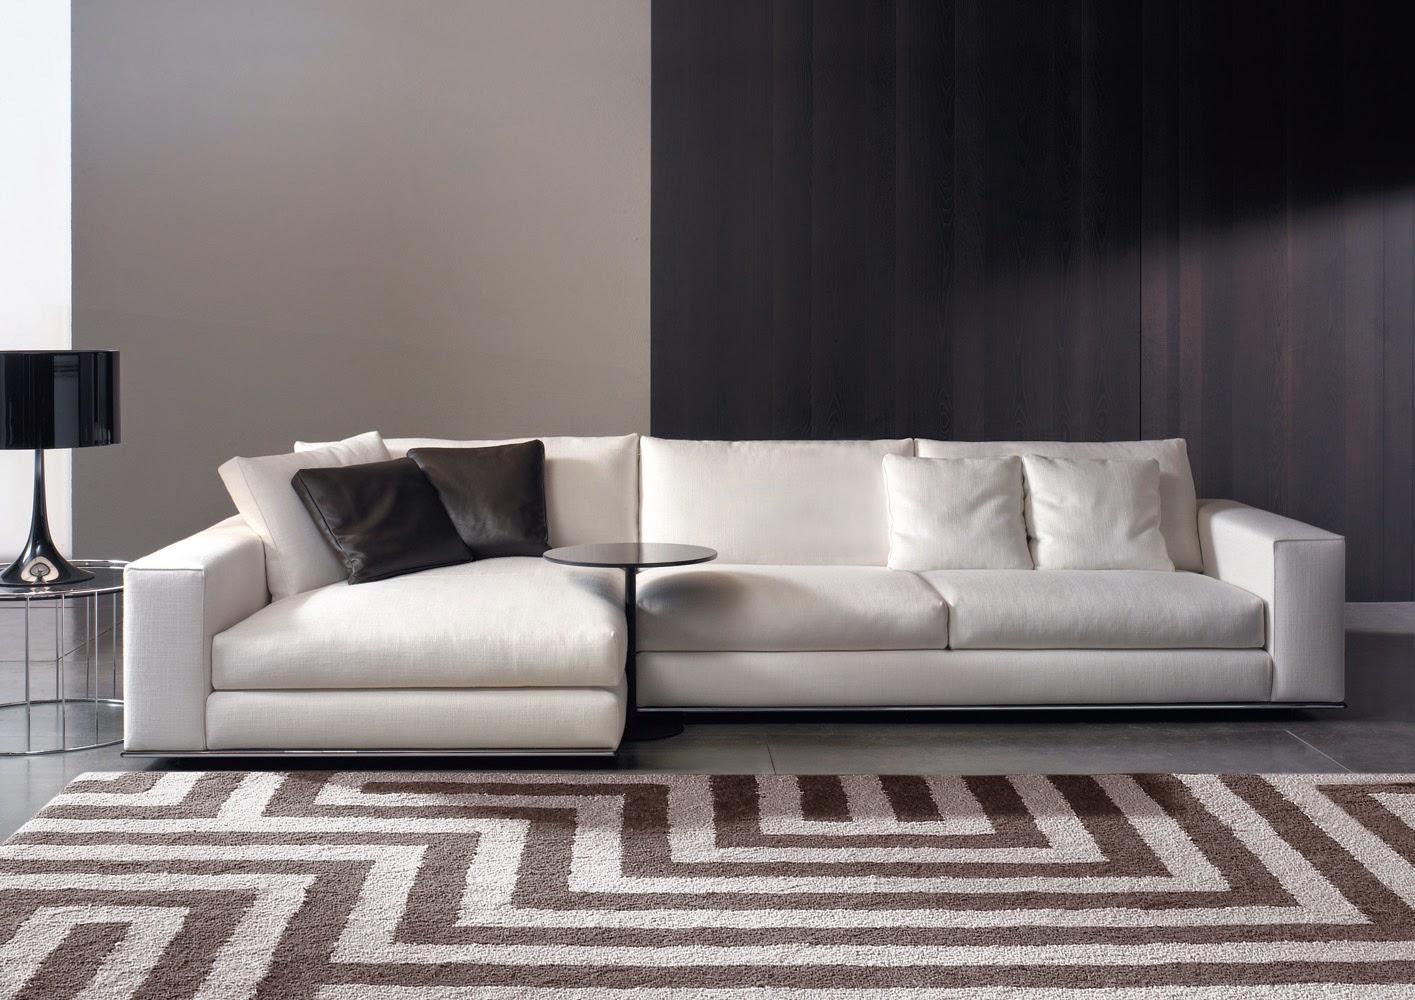 Daftar Harga Sofa Minimalis Murah Bandung Conceptstructuresllccom